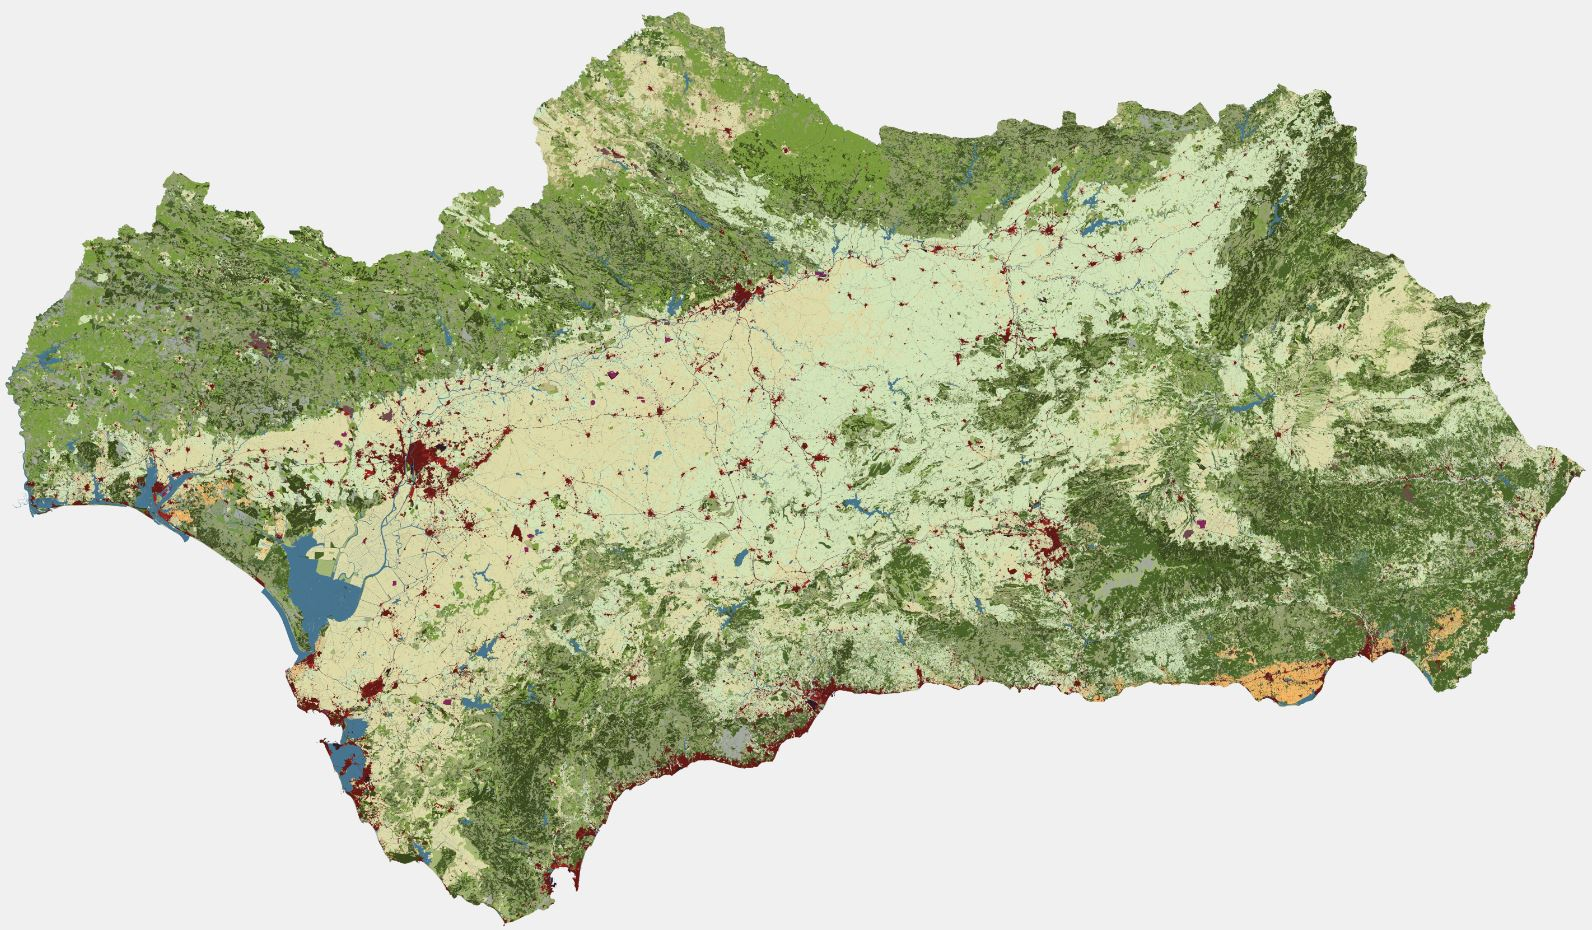 Mapa síntesis de la información incluida en el SIPNA